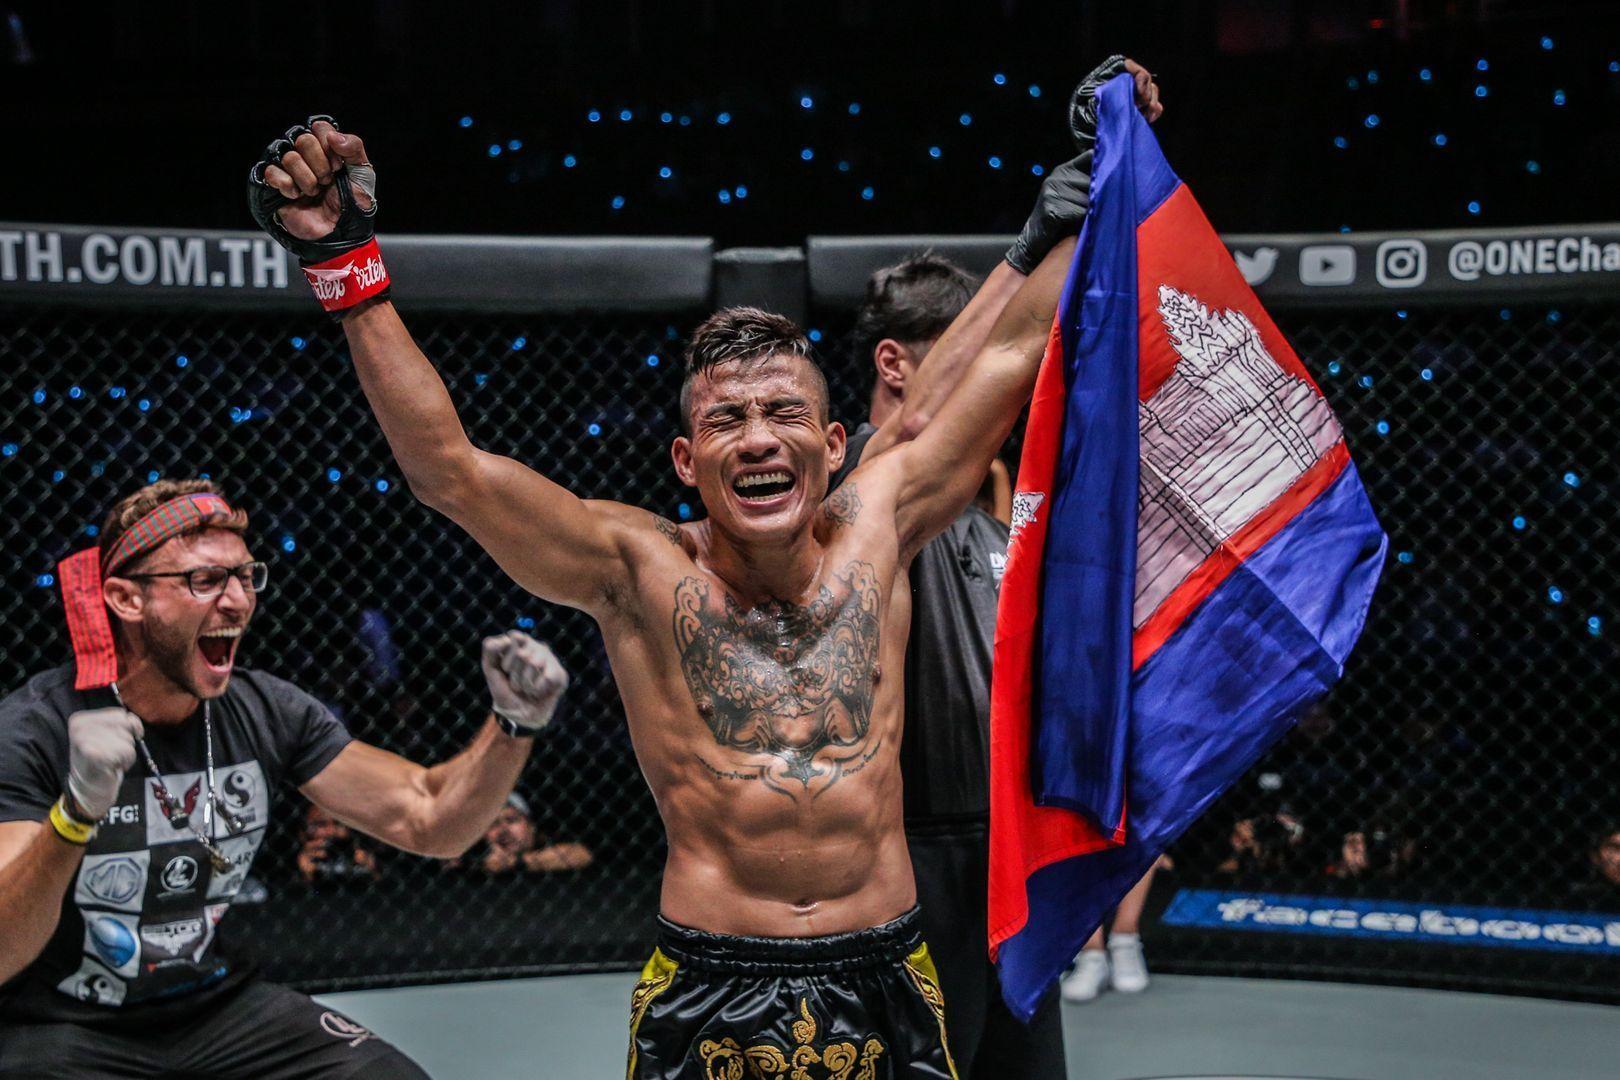 チャン・ロタナが「ONE:DREAMS OF GOLD」でグスタボ・バラートを倒した後、カンボジアの国旗でポーズをとる